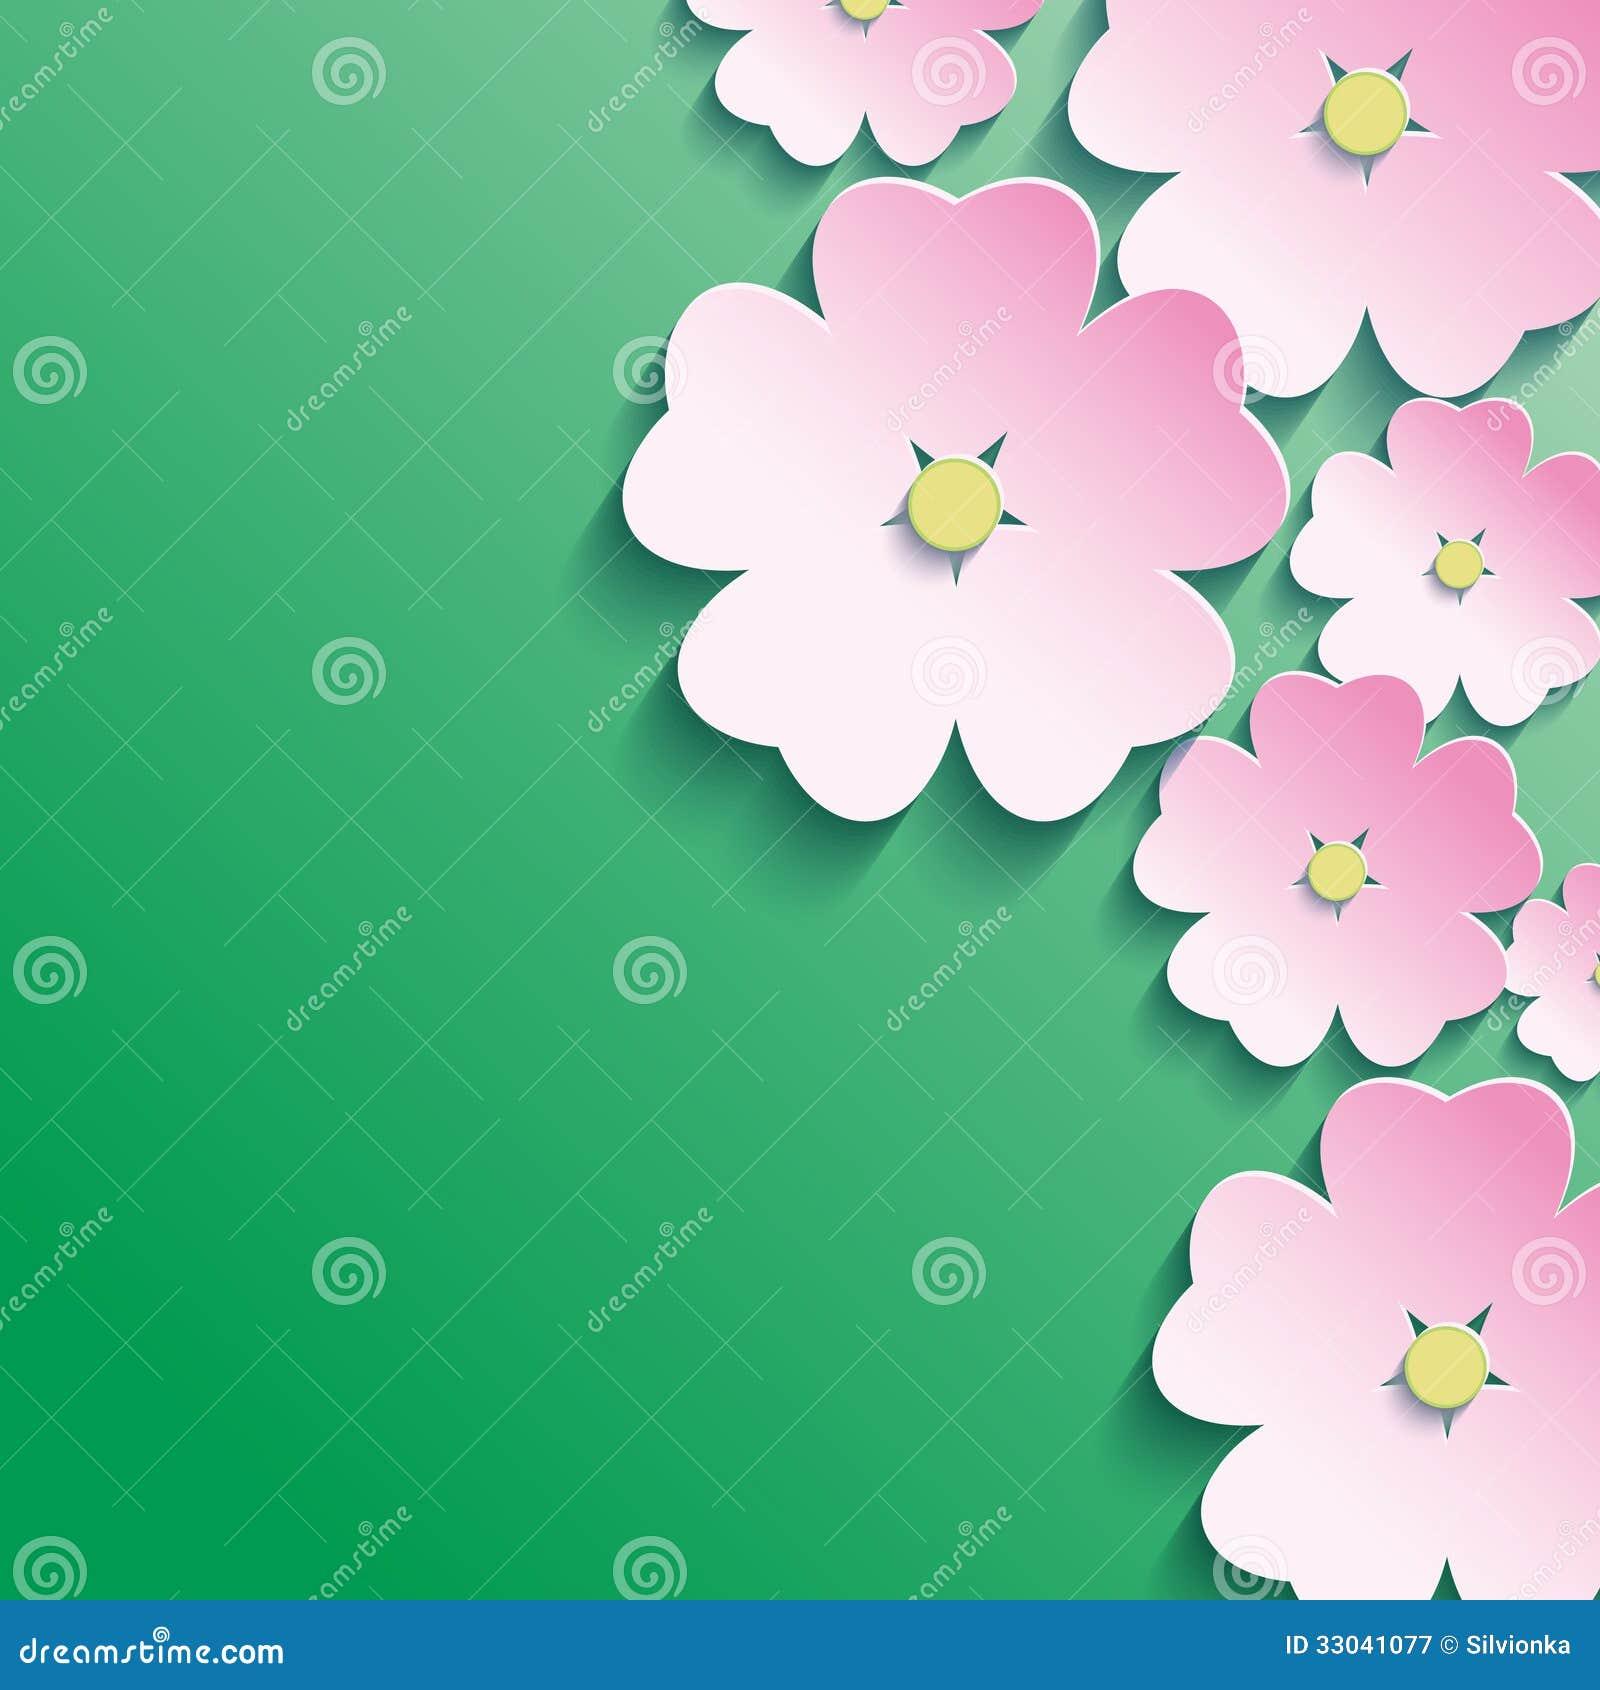 Modern Flower Clip Art 3d flowers, abstract floral